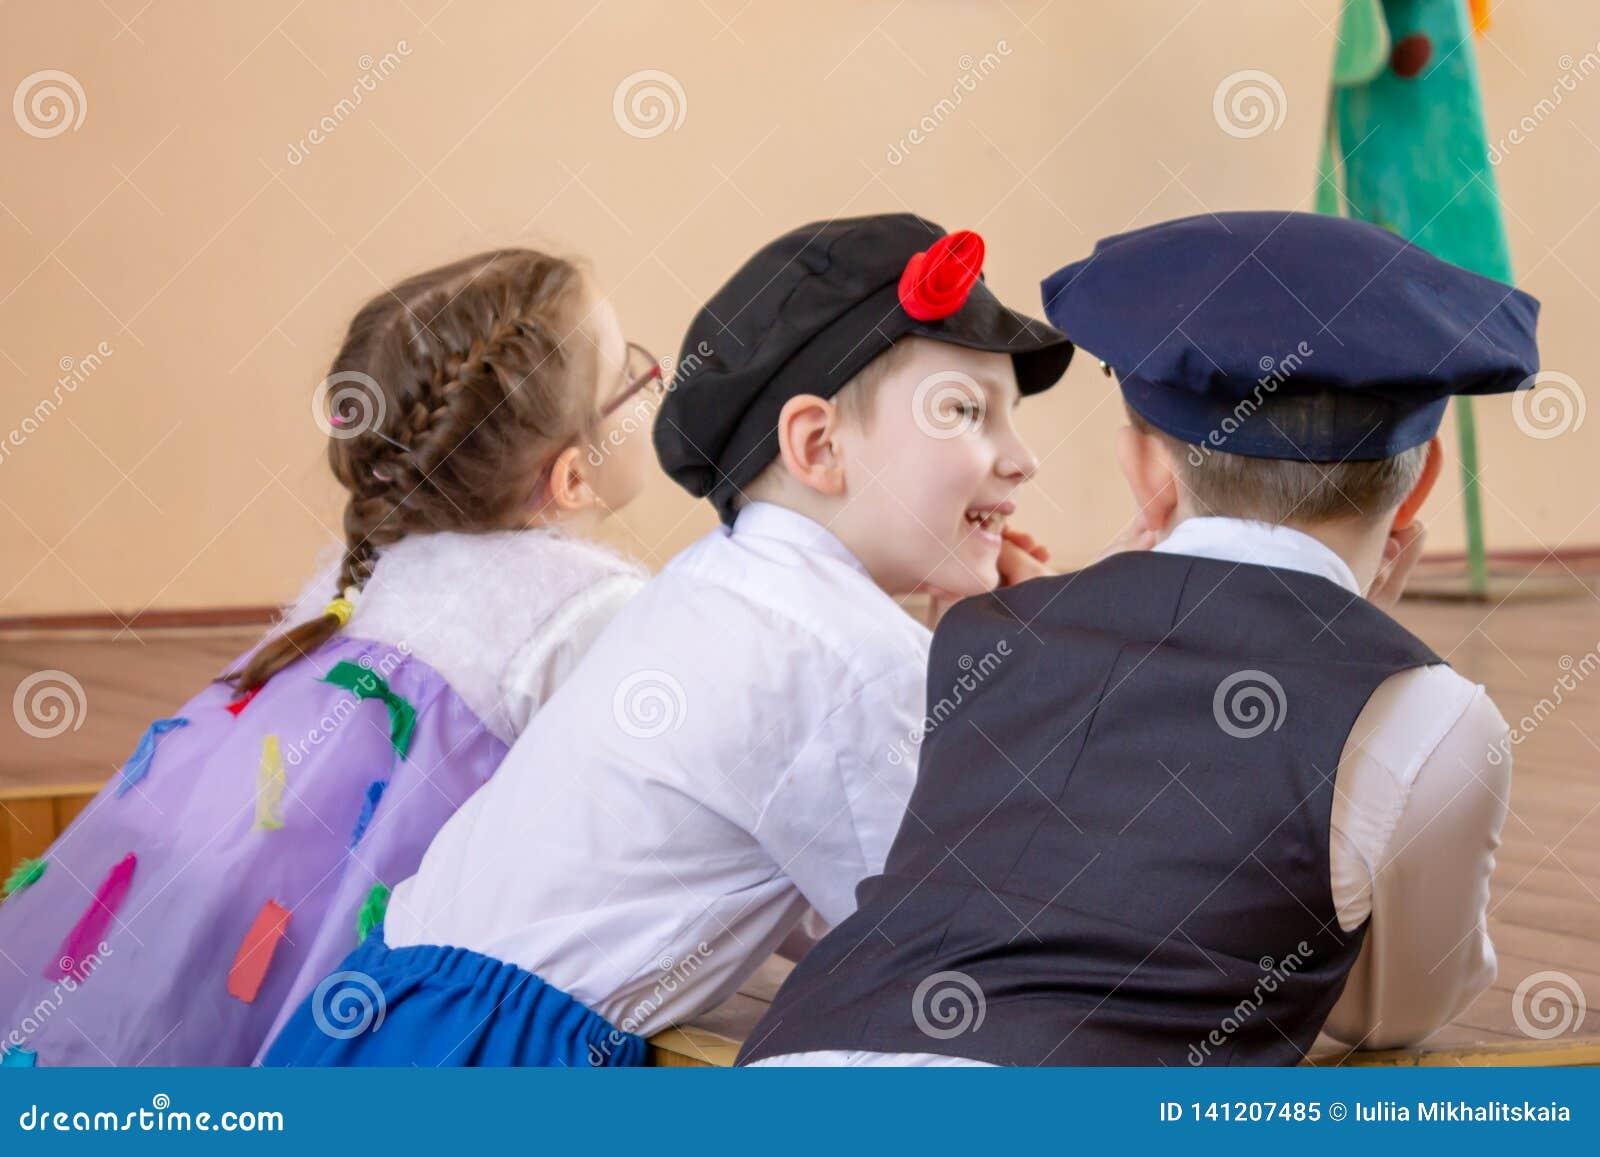 MOSCOU, RUSSI - 6 DE MAIO DE 2018: Crianças de sorriso na tagarelice dos trajes do carnaval ou do concerto